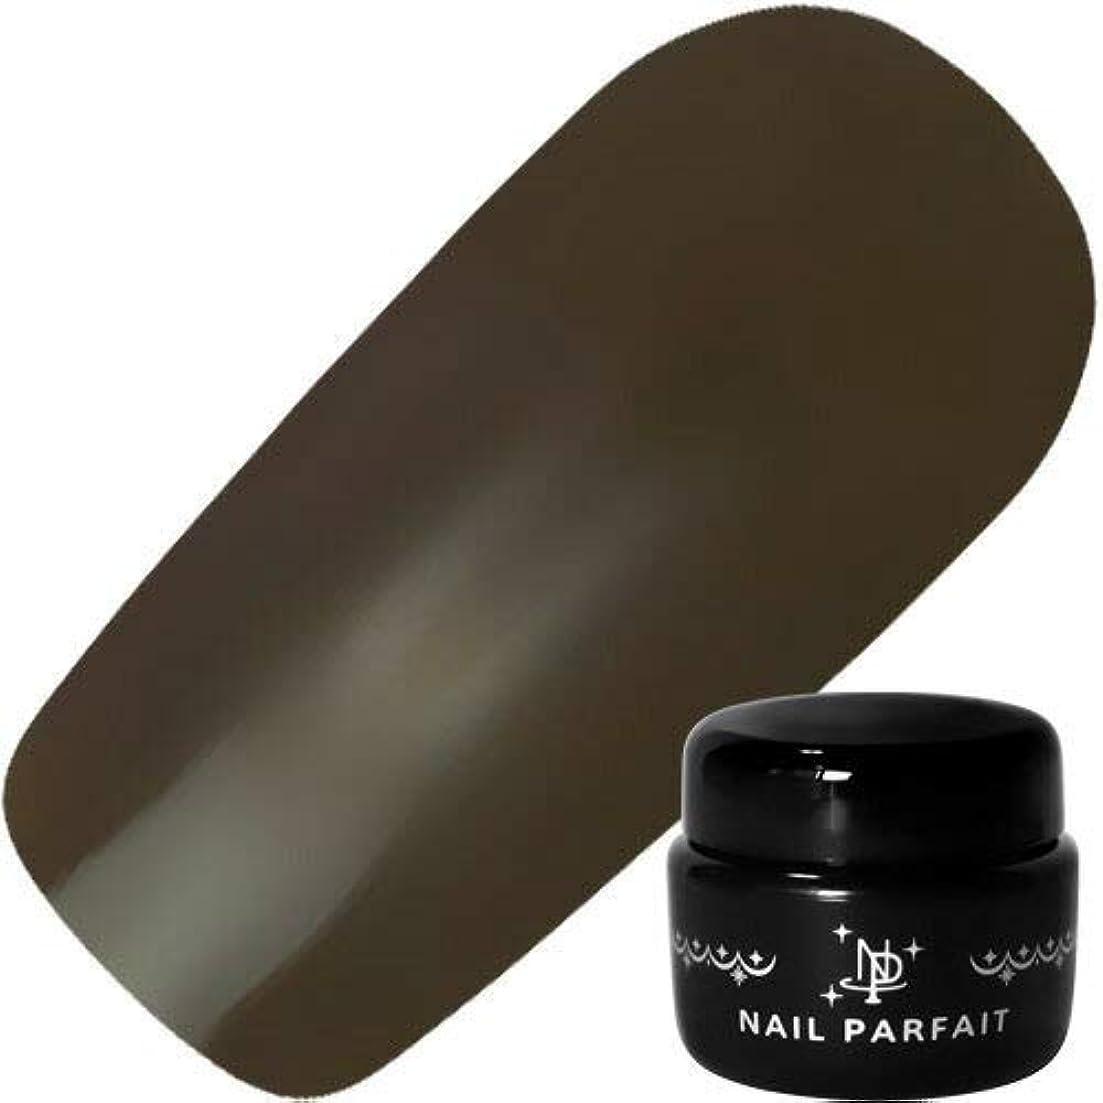 ゆりかごスペード縮れたNAIL PARFAIT ネイルパフェ カラージェル T02 トールブラウン 2g 【ジェル/カラージェル?ネイル用品】